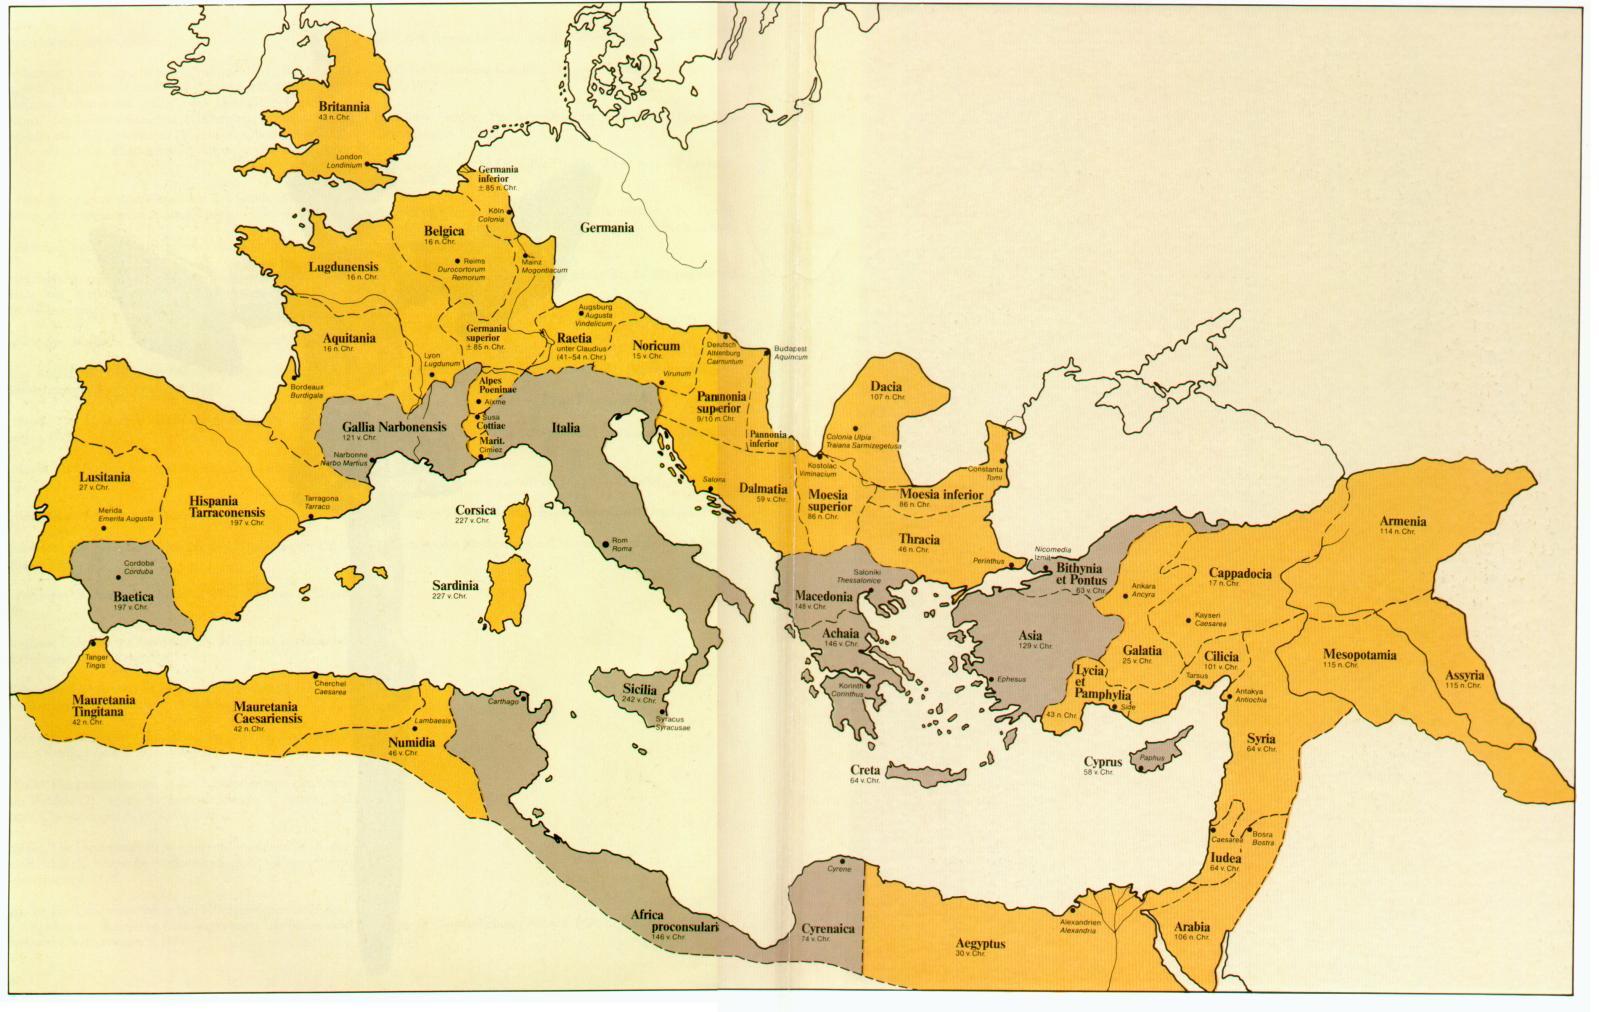 römisches reich wikipedia